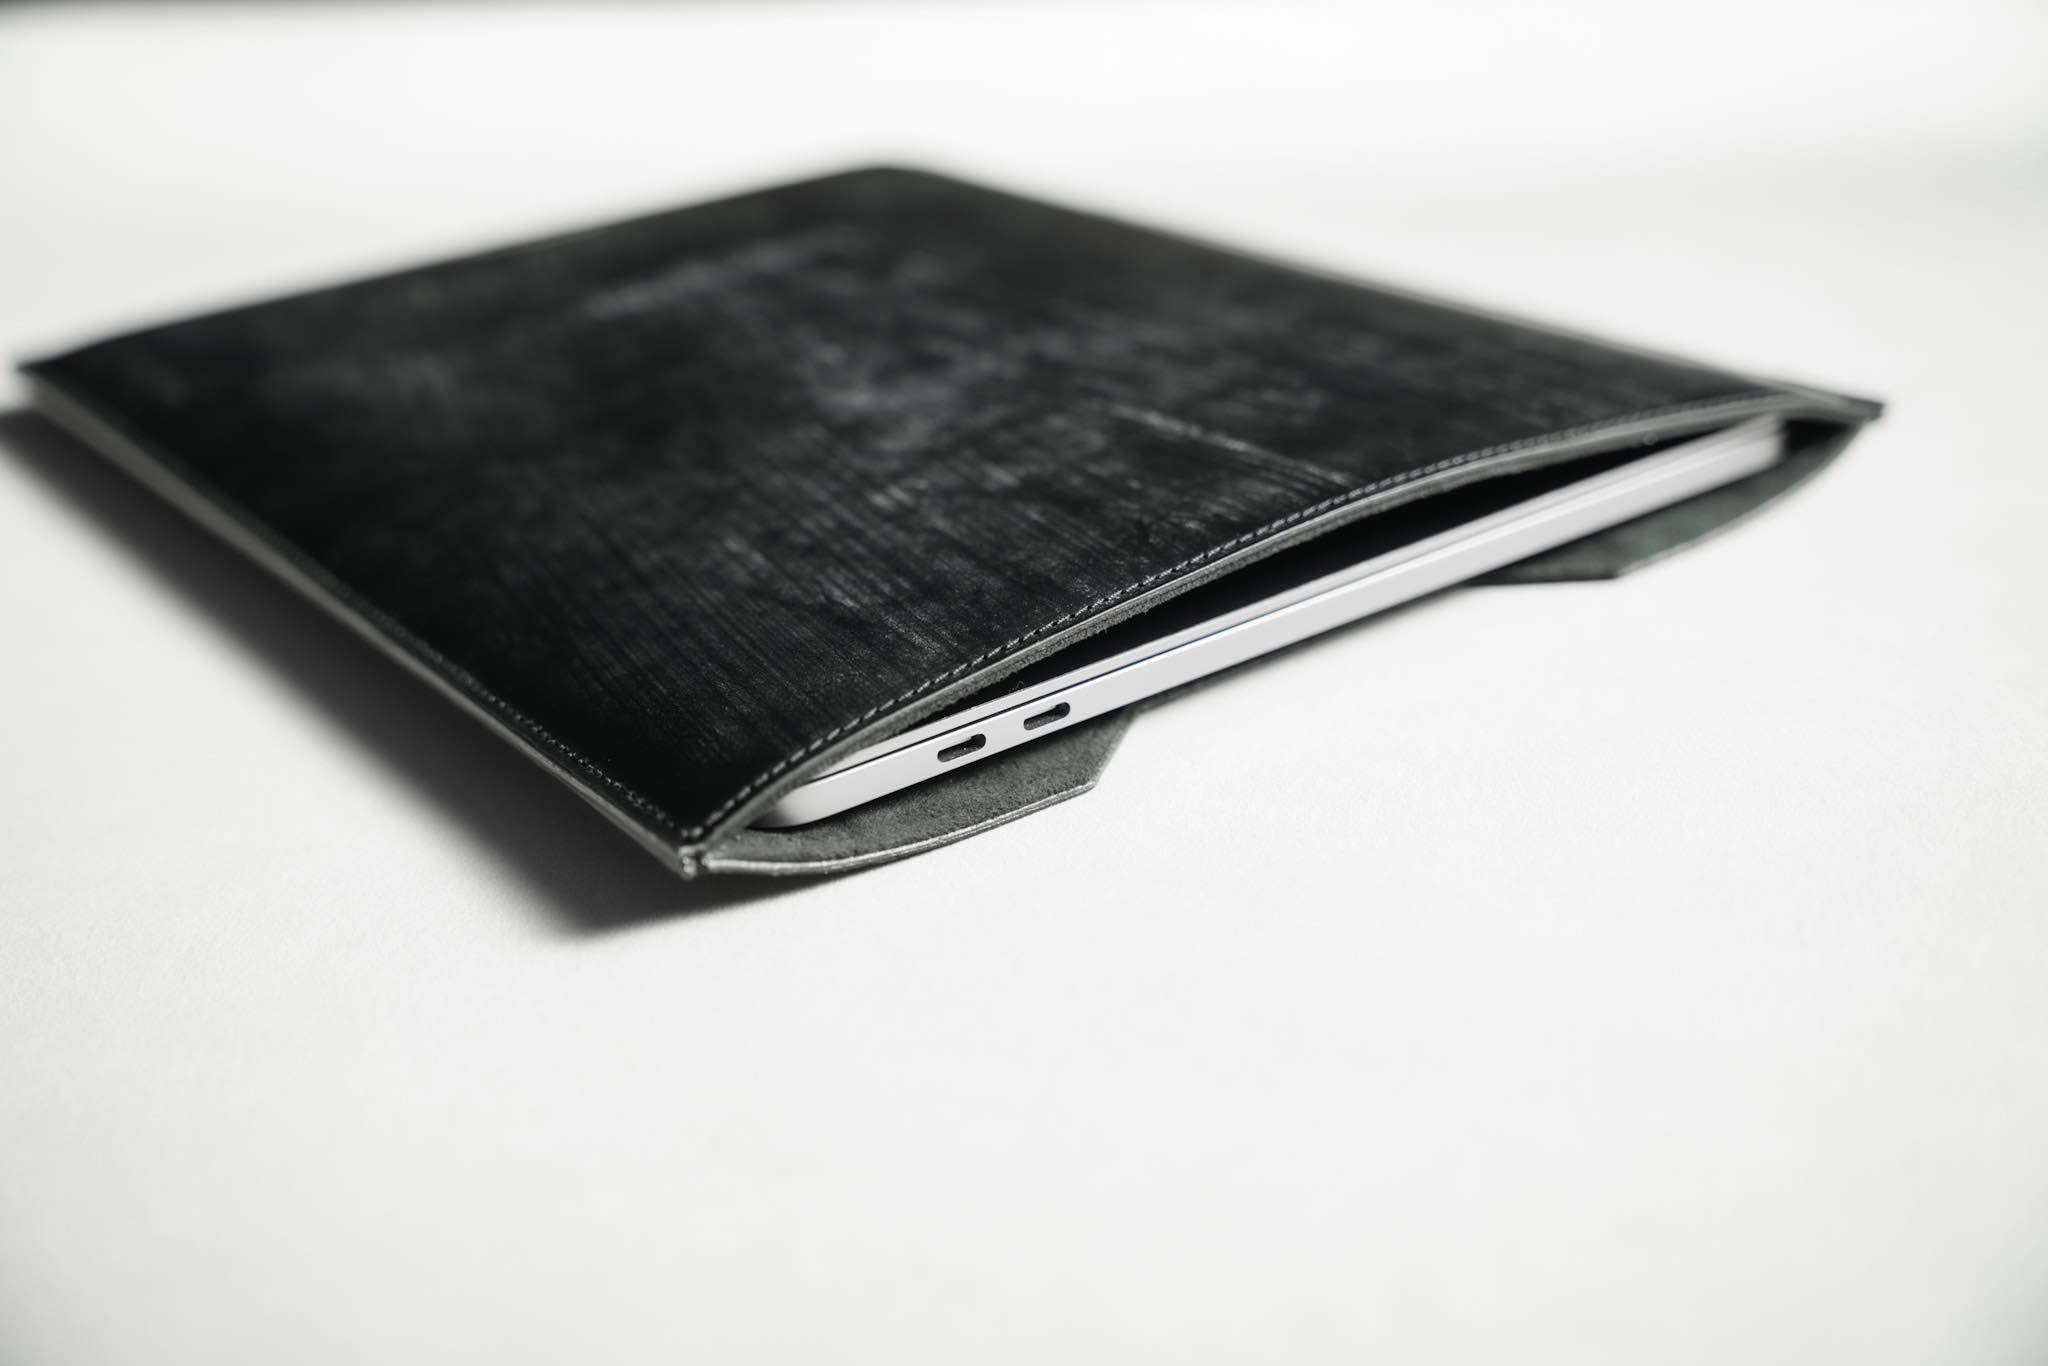 crafsto(クラフスト) MacBook用スリーブケース|収納:美しく、機能的であること